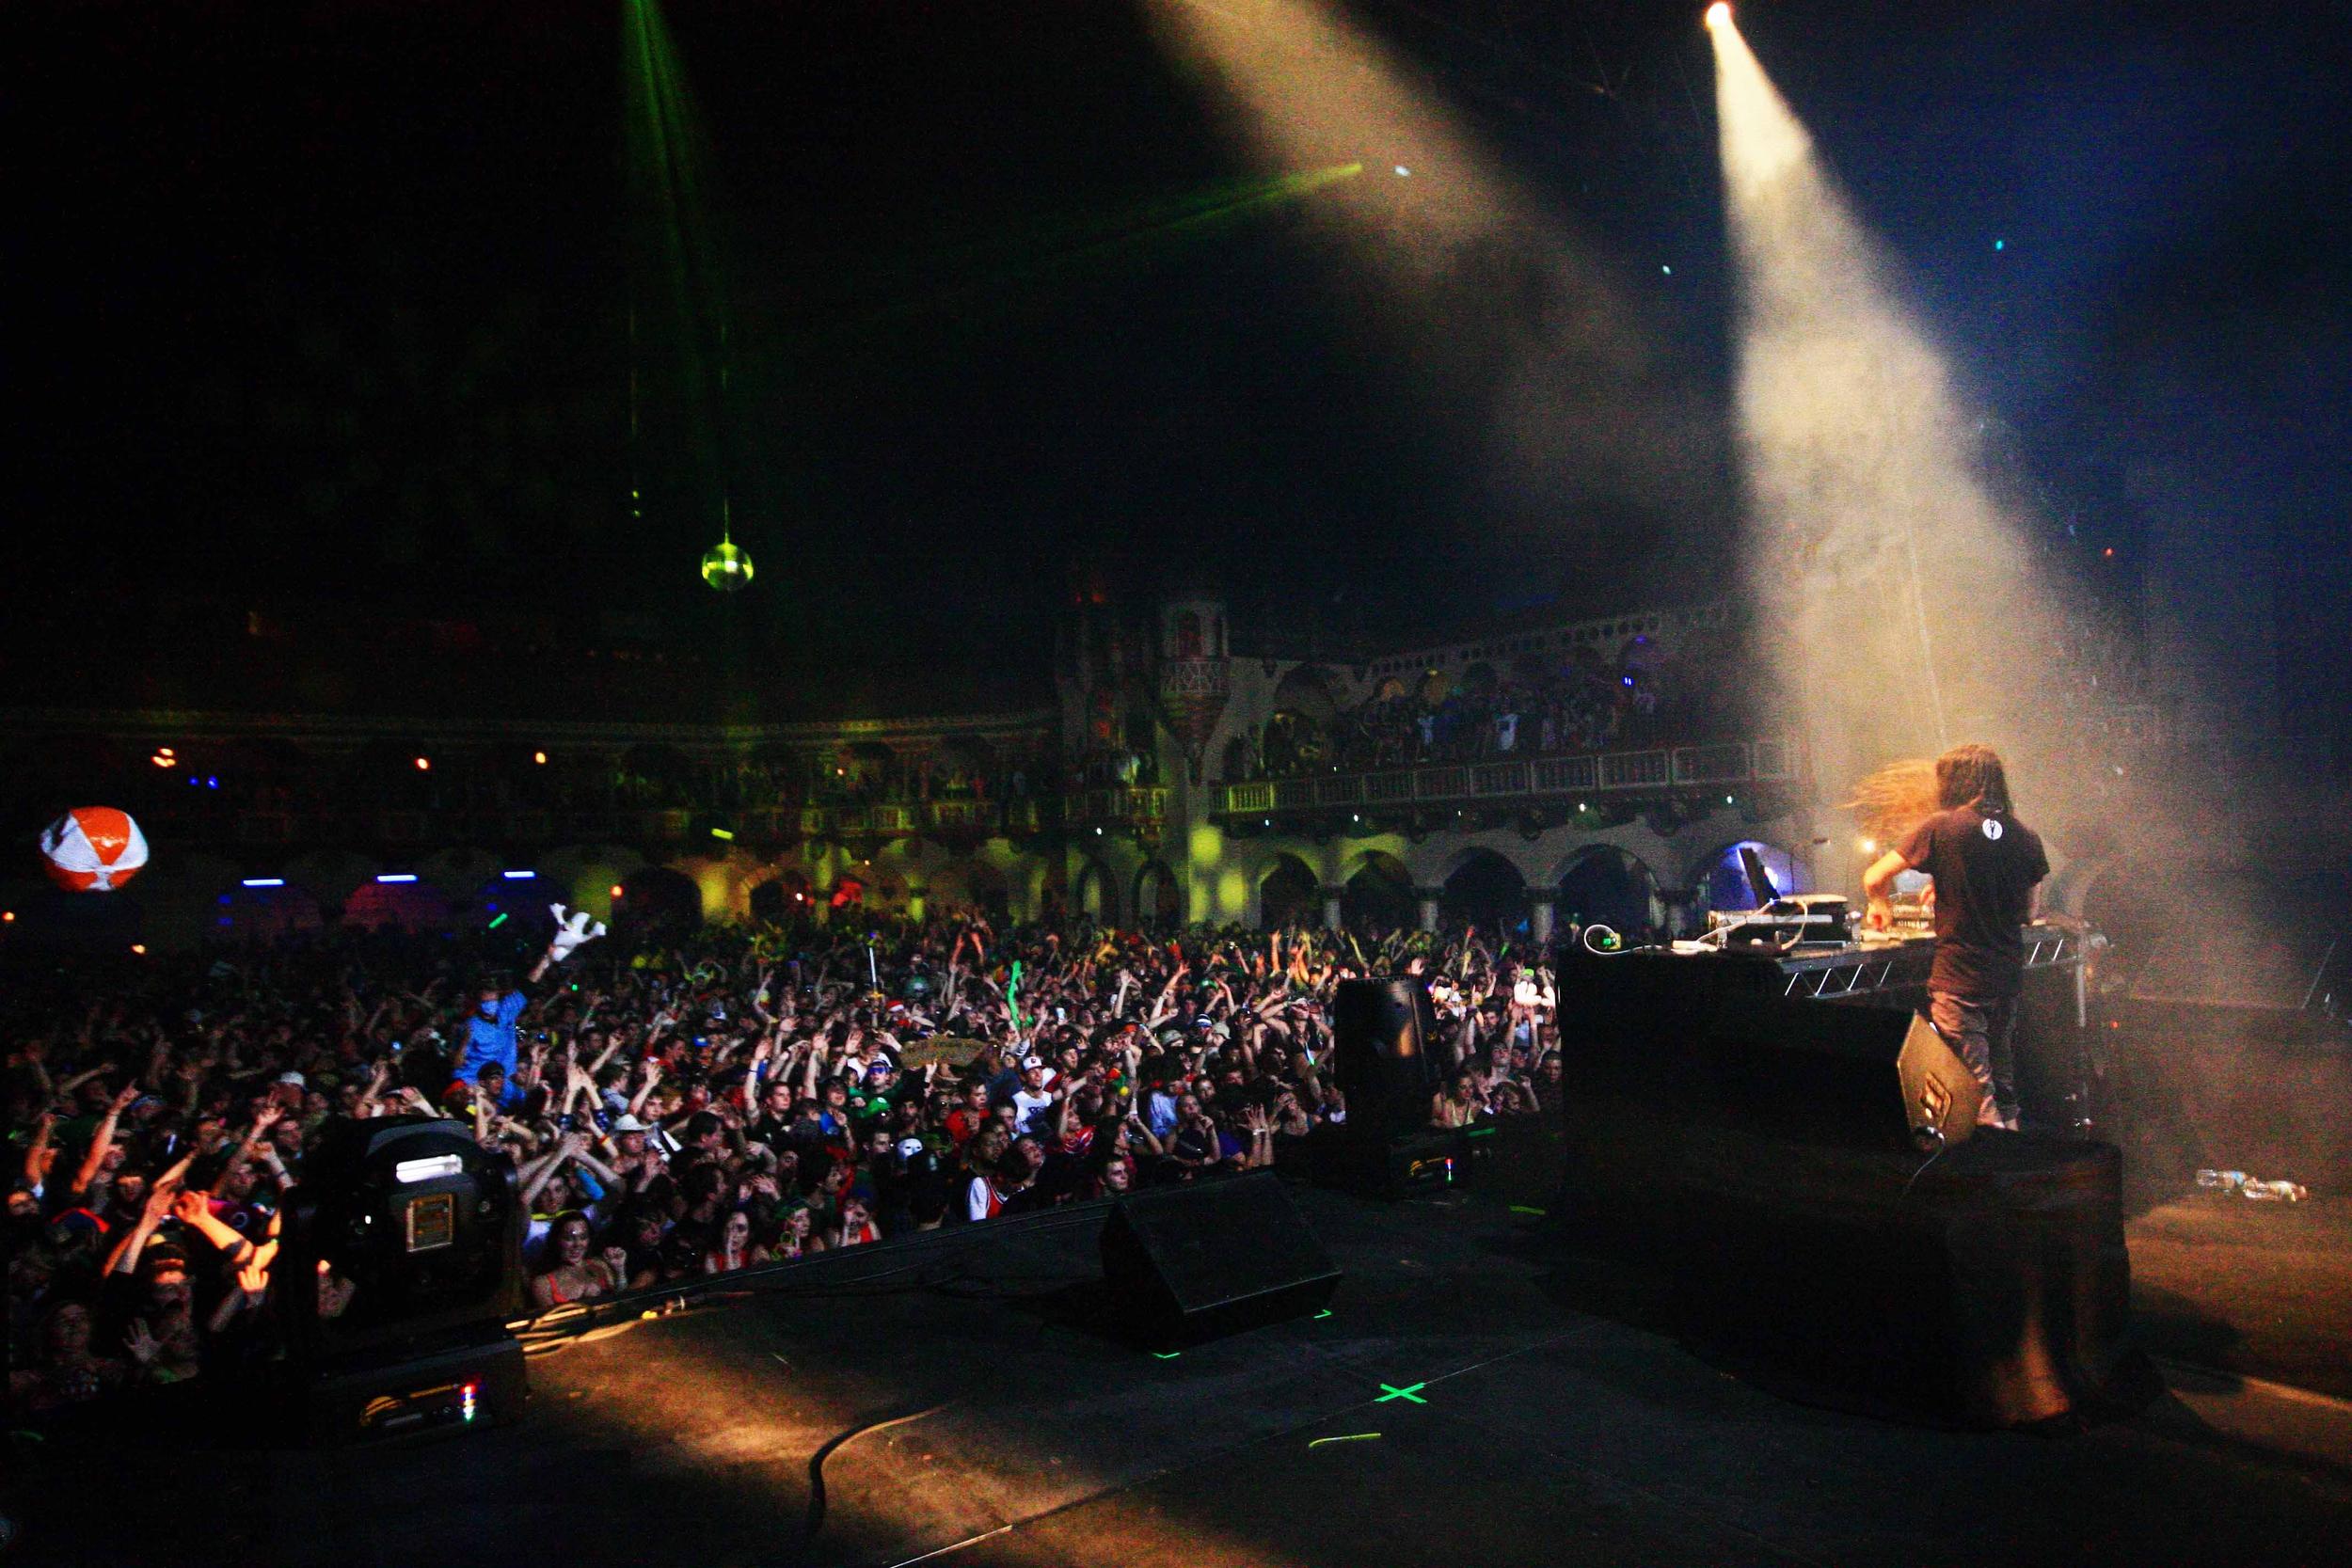 Bassnectar at Aragon 2012